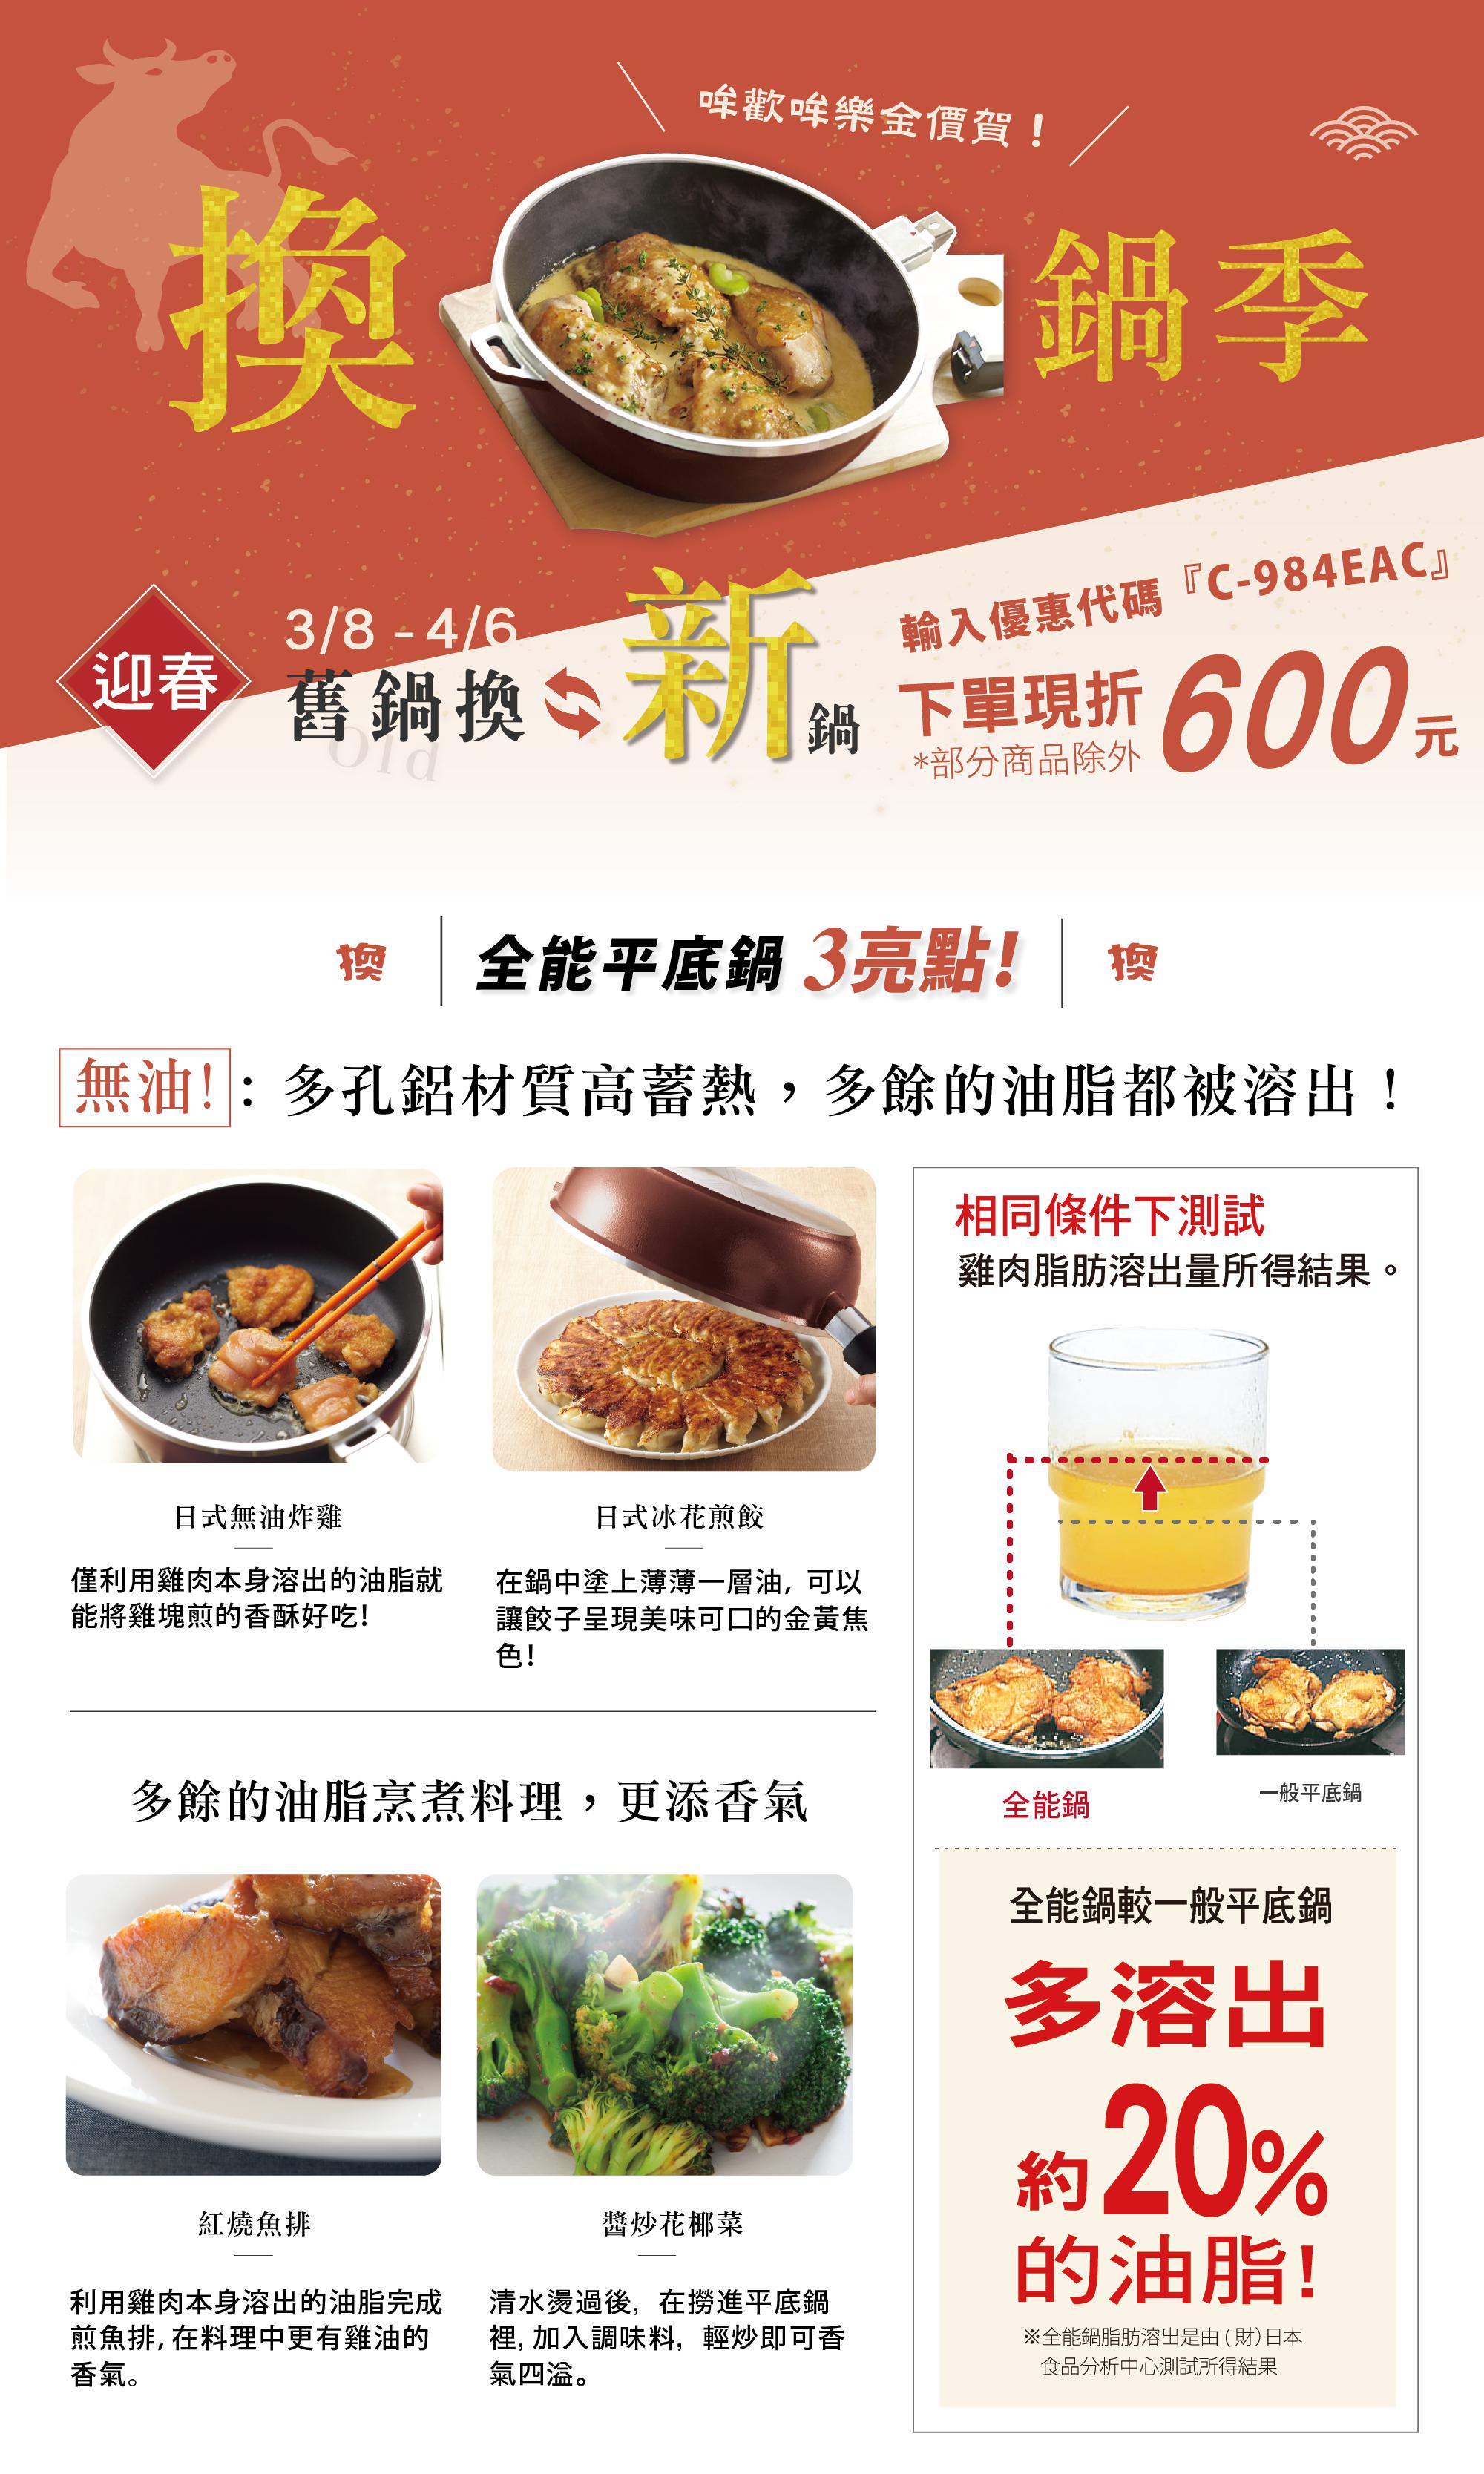 日本製平底鍋,全能鍋,平底不沾鍋,日本製鍋具,換鍋優惠,平底鍋優惠